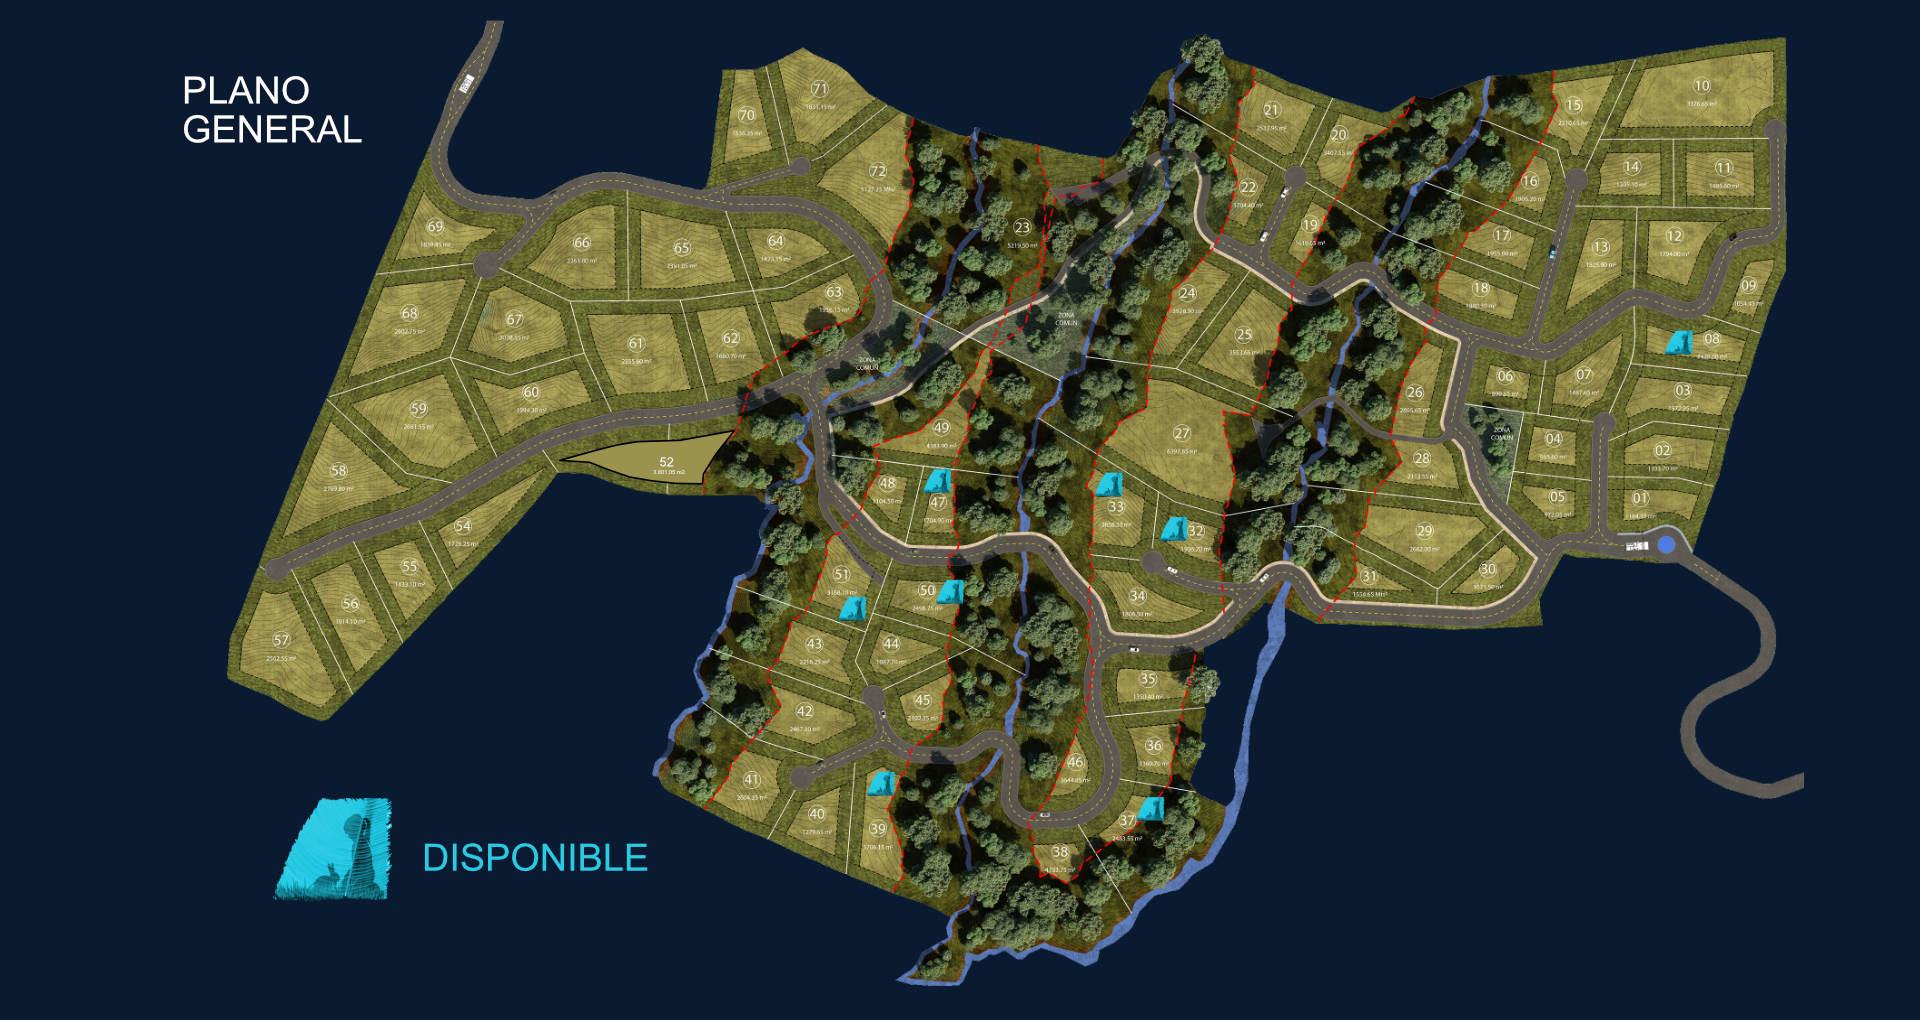 mapa-almenares-lotes-unicos-es07-2021